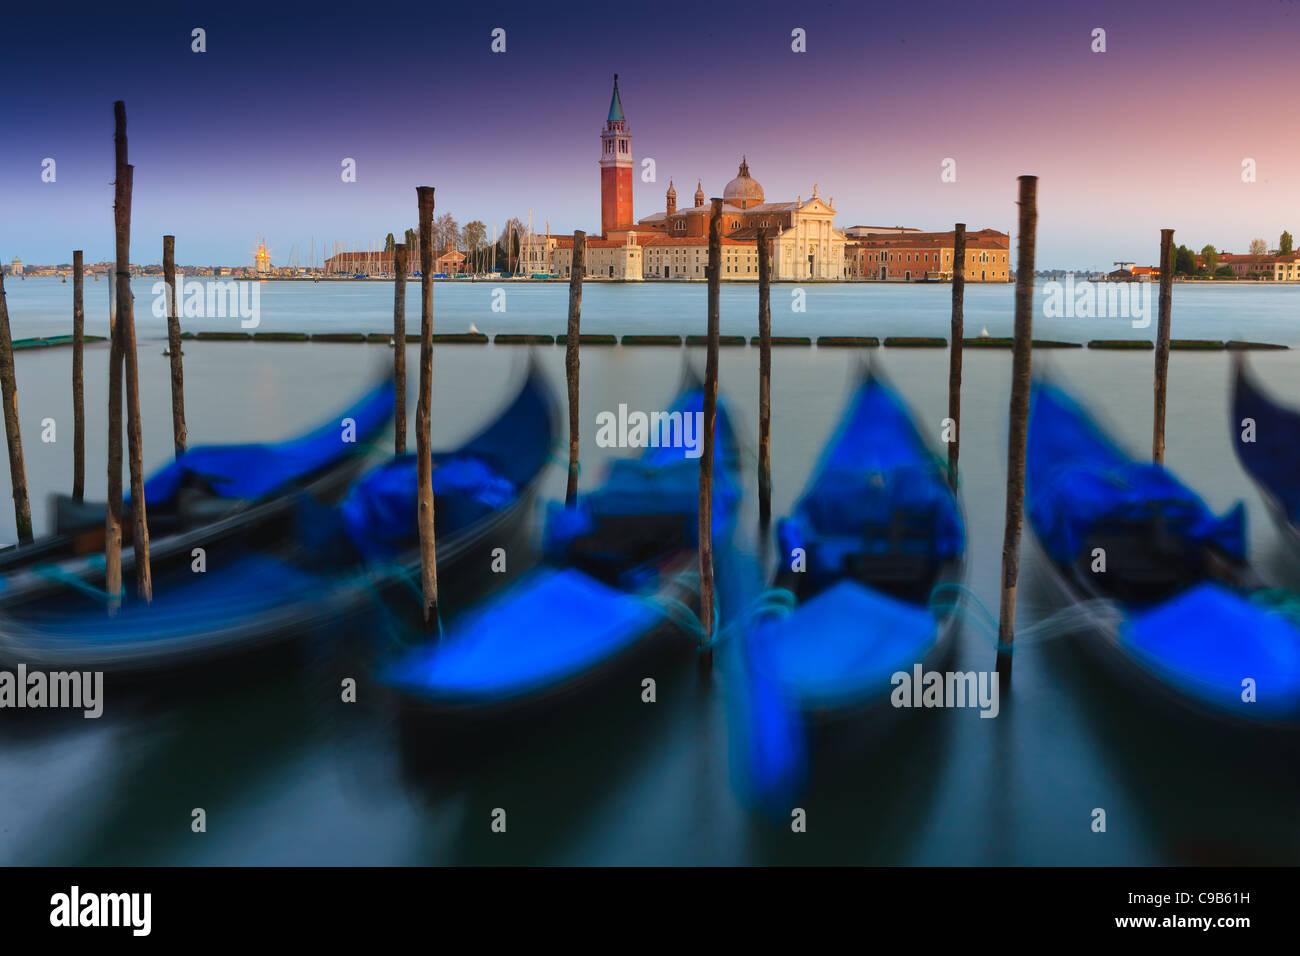 Amanecer en Venecia con la vista desde la plaza de San Marcos hacia San Giorgio Maggiore Imagen De Stock